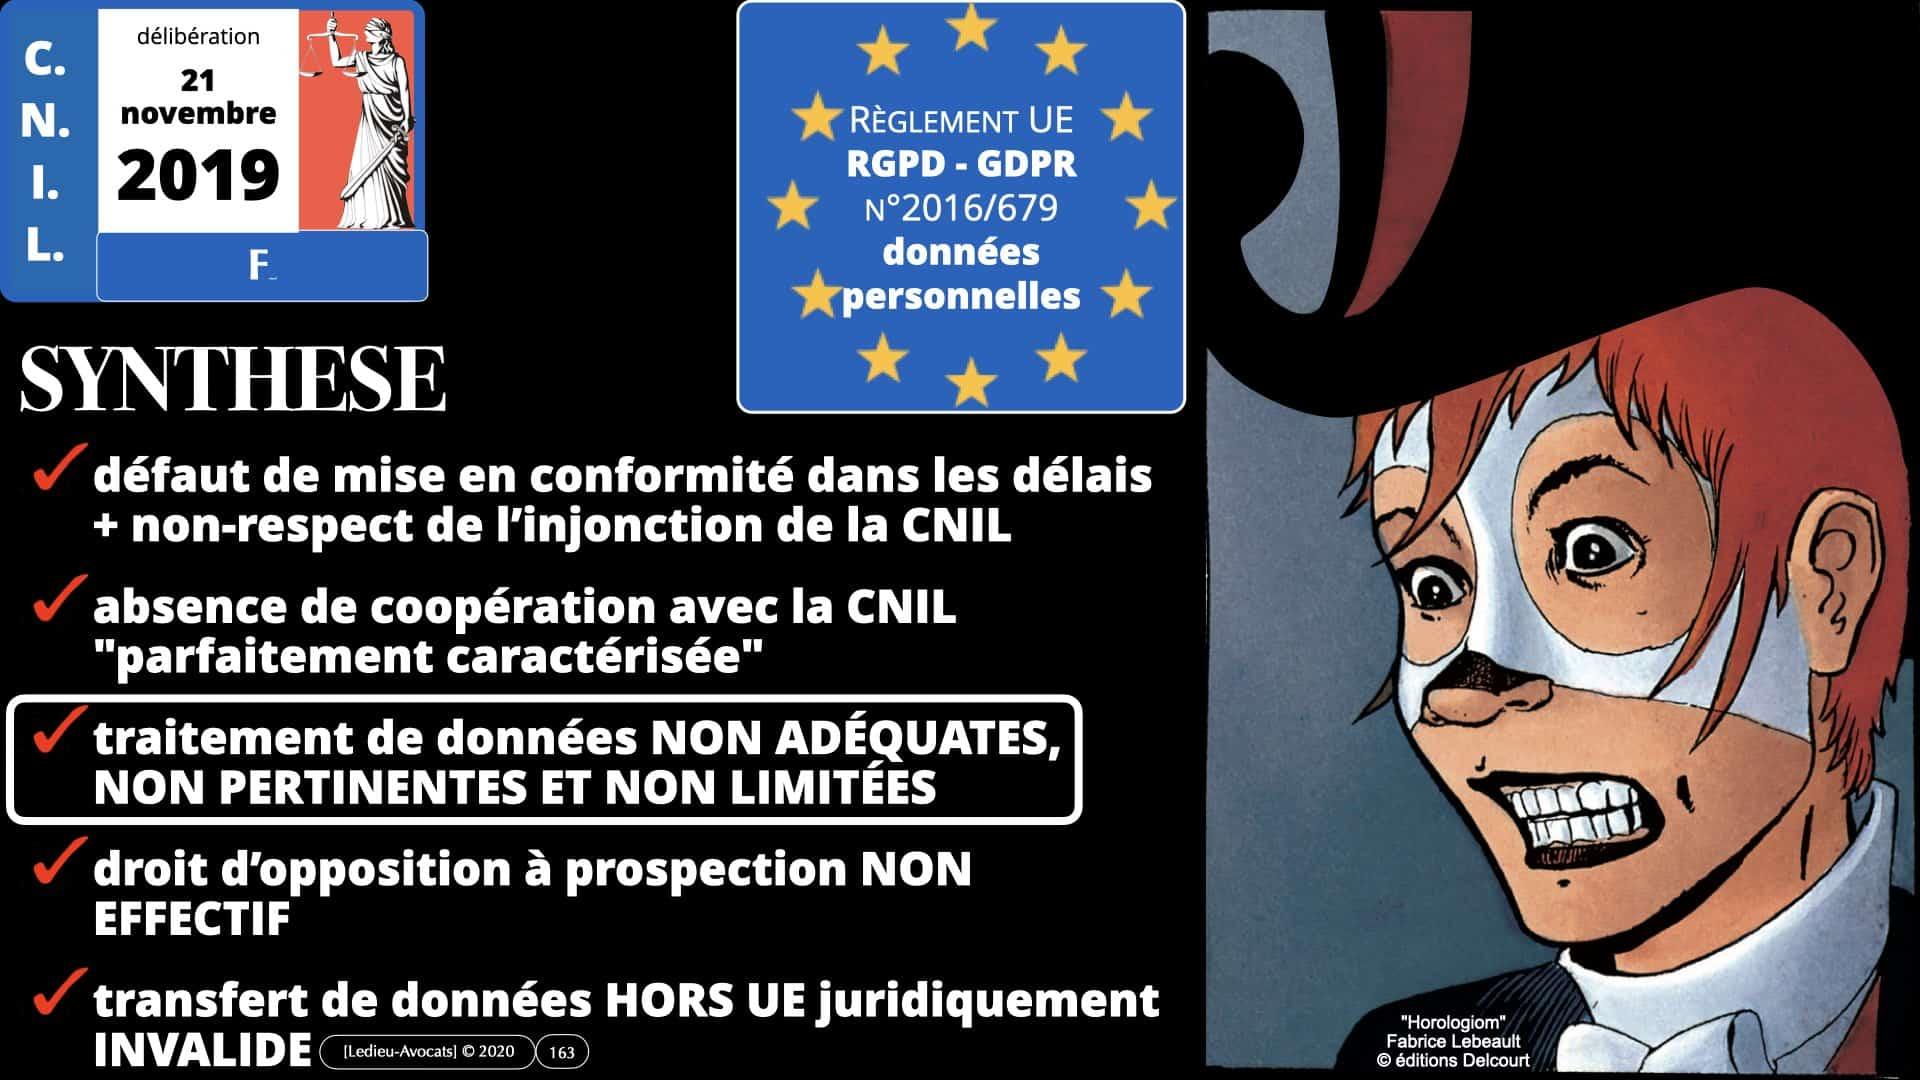 RGPD e-Privacy données personnelles jurisprudence formation Lamy Les Echos 10-02-2021 ©Ledieu-Avocats.163